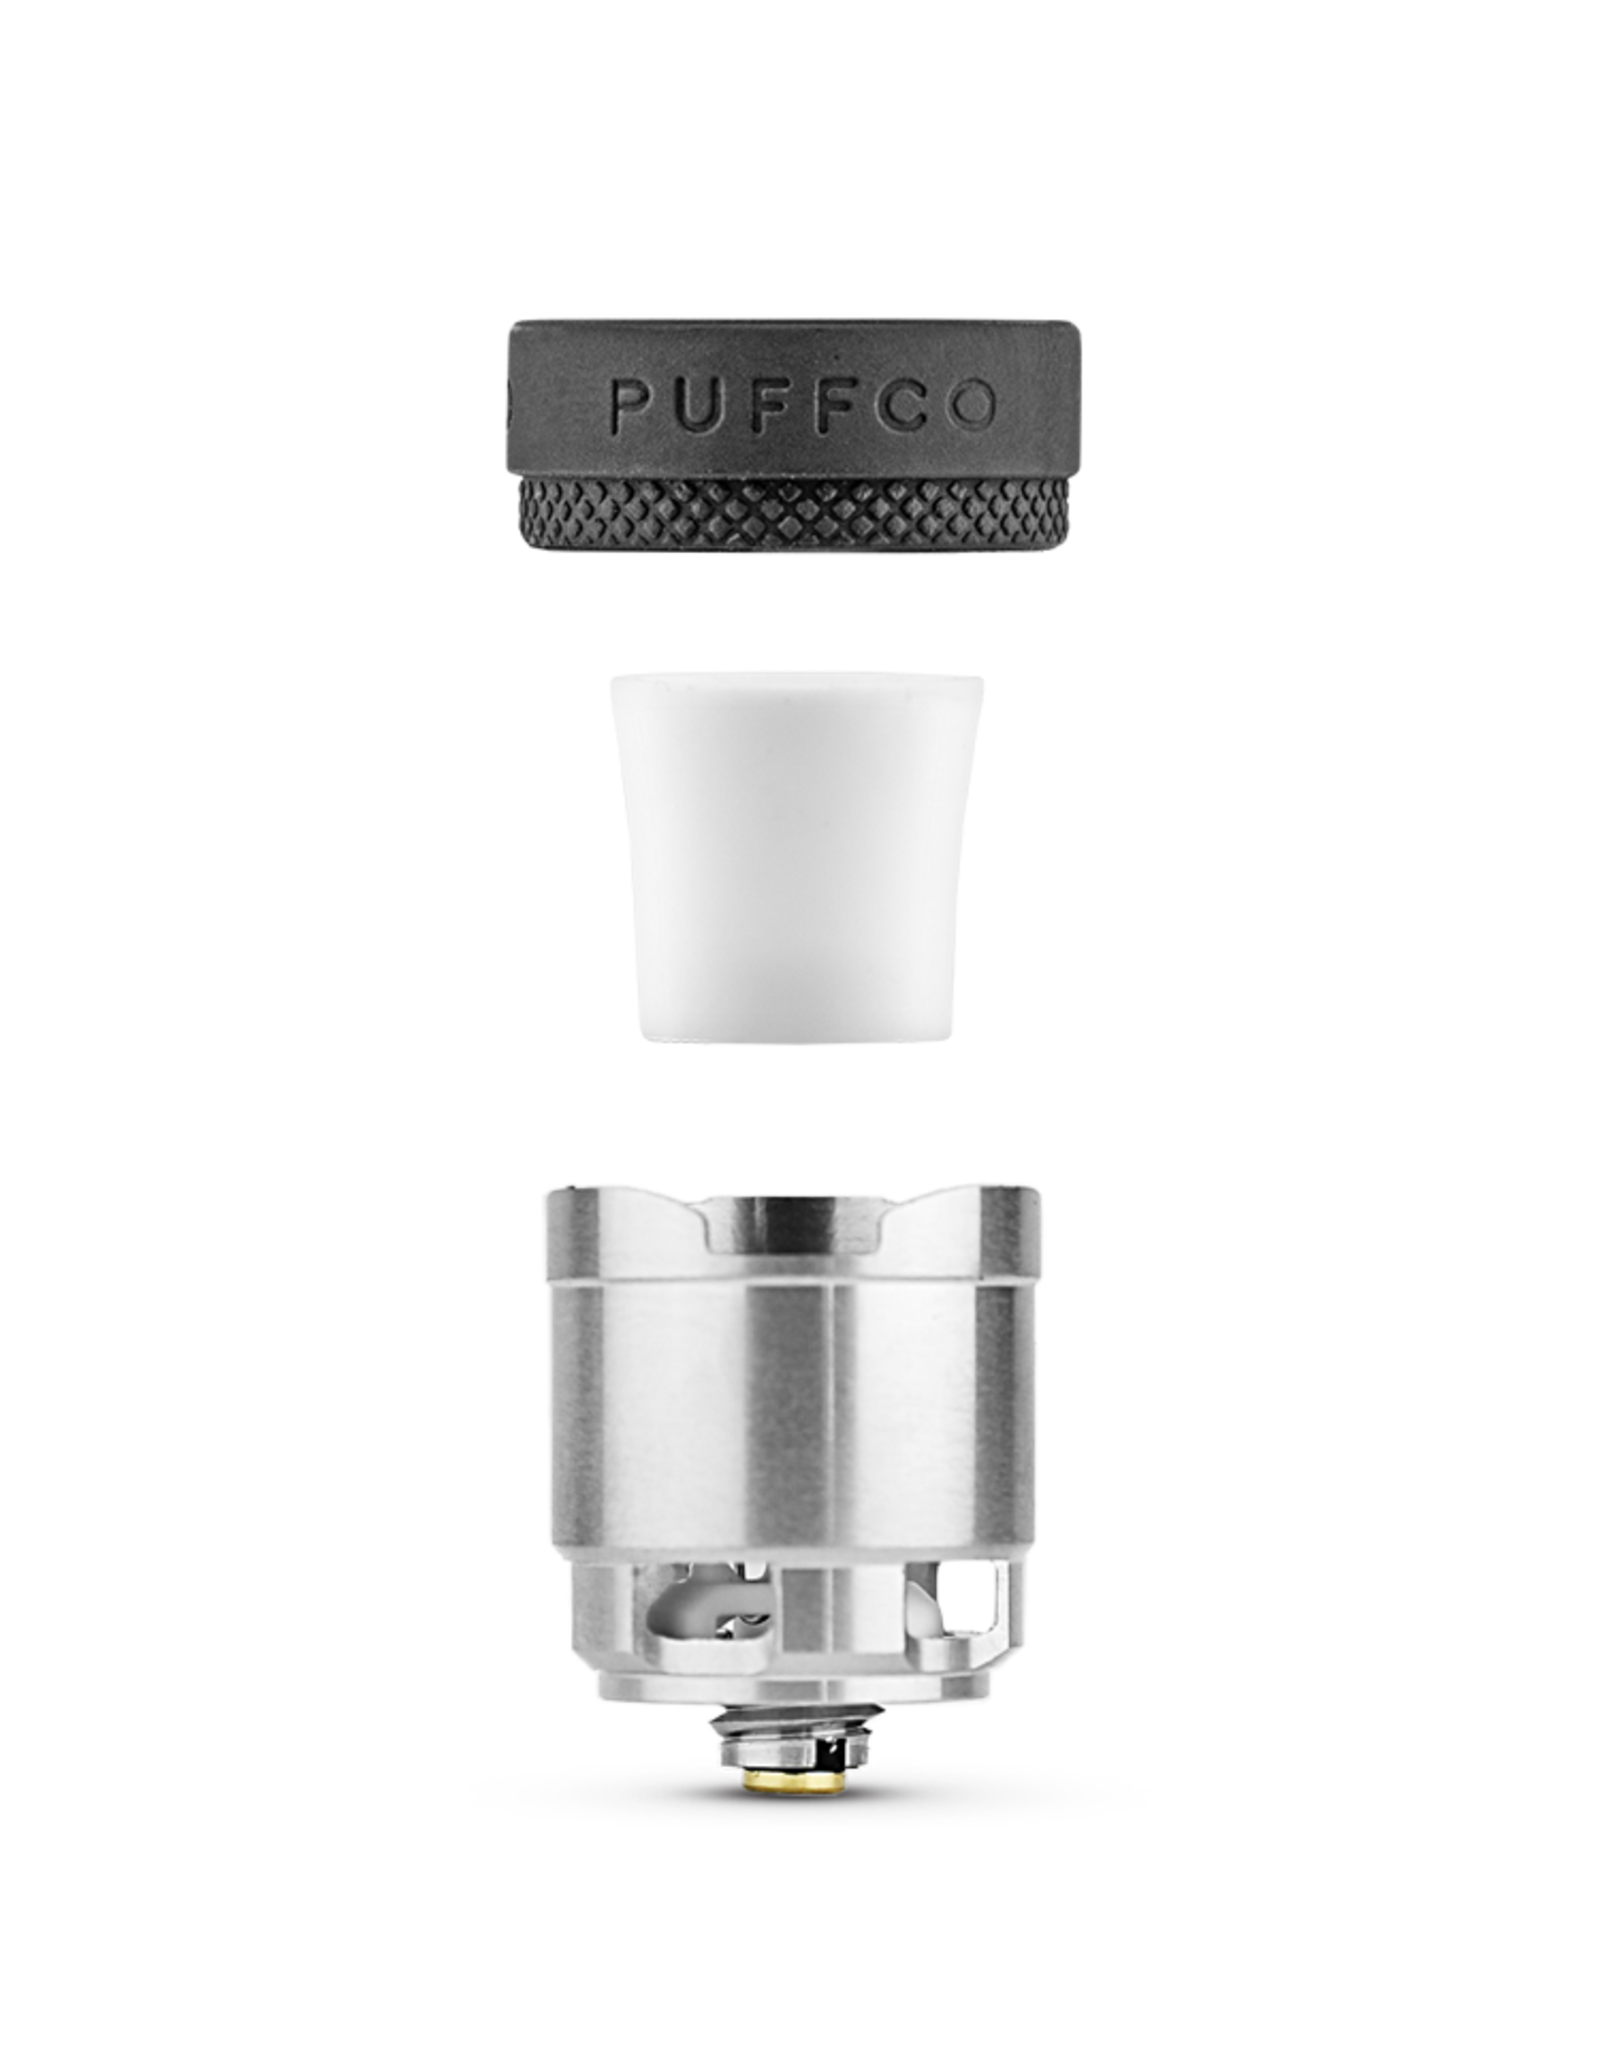 PuffCo Puffco Peak Original Atomizer